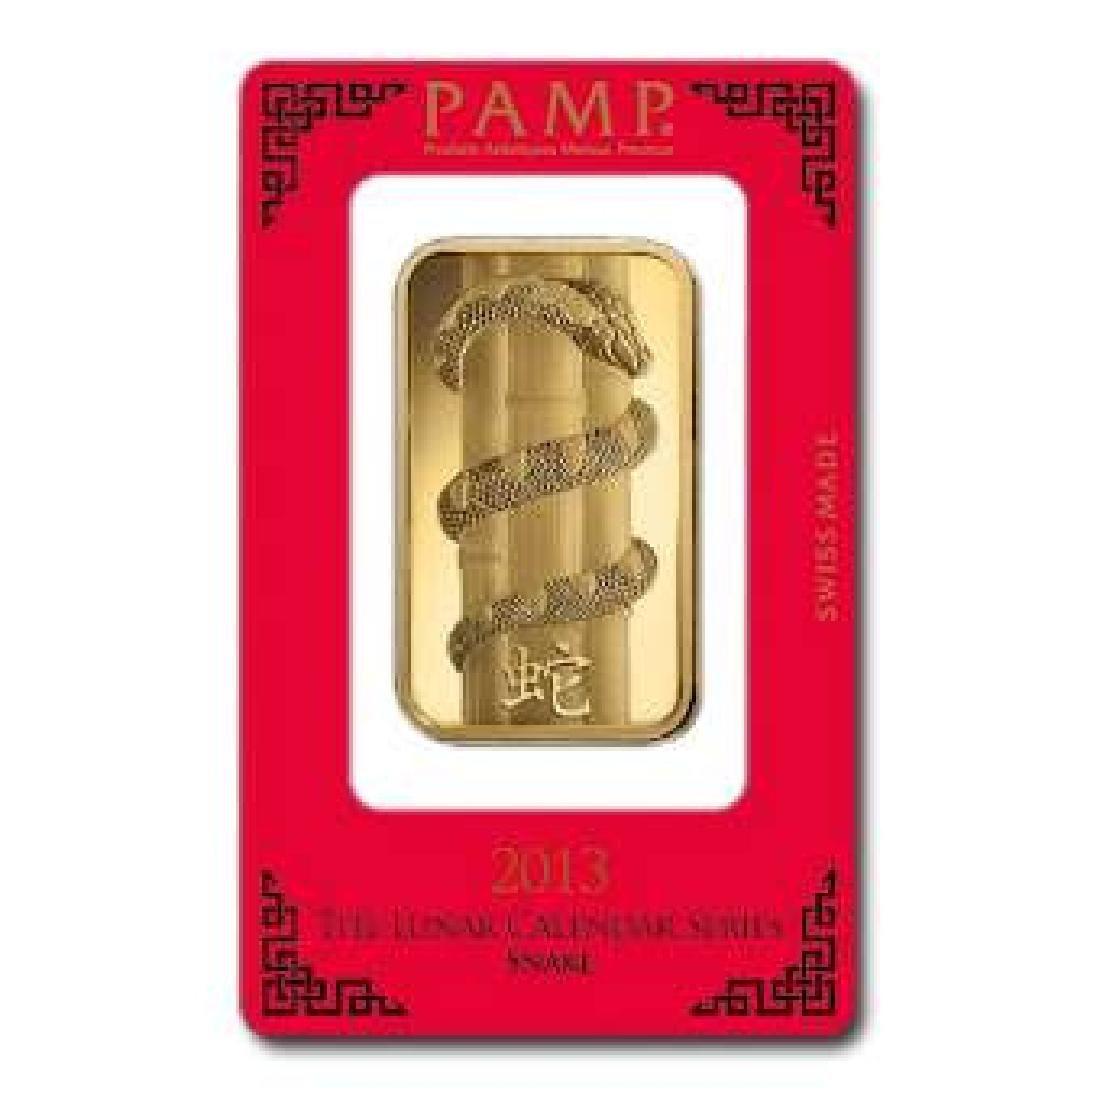 PAMP Suisse 100 Gram Gold Bar - 2013 Snake Design